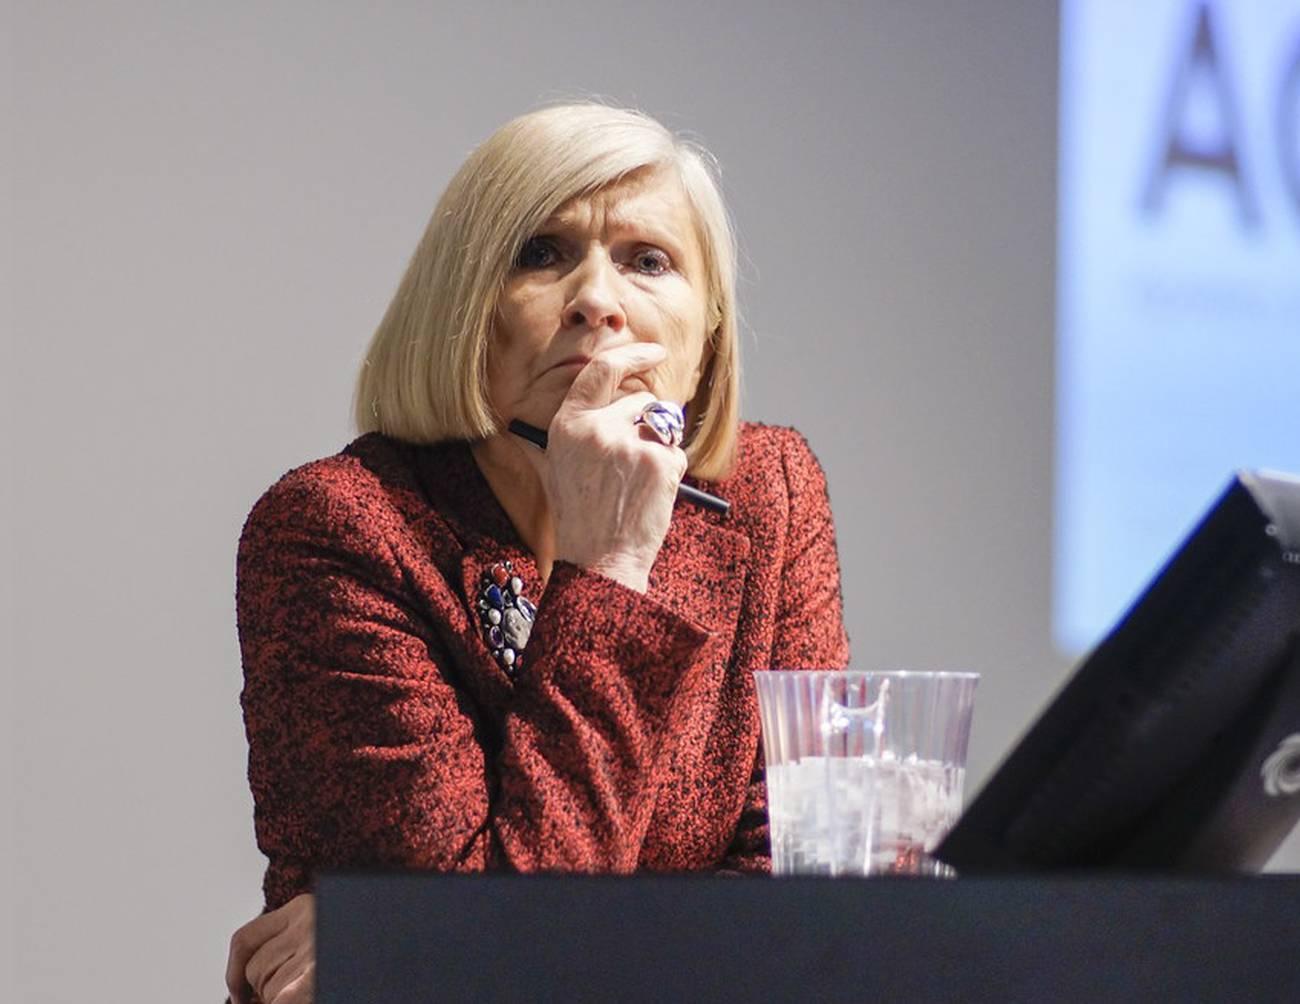 La apuesta por un populismo de izquierda  Entrevista a Chantal Mouffe